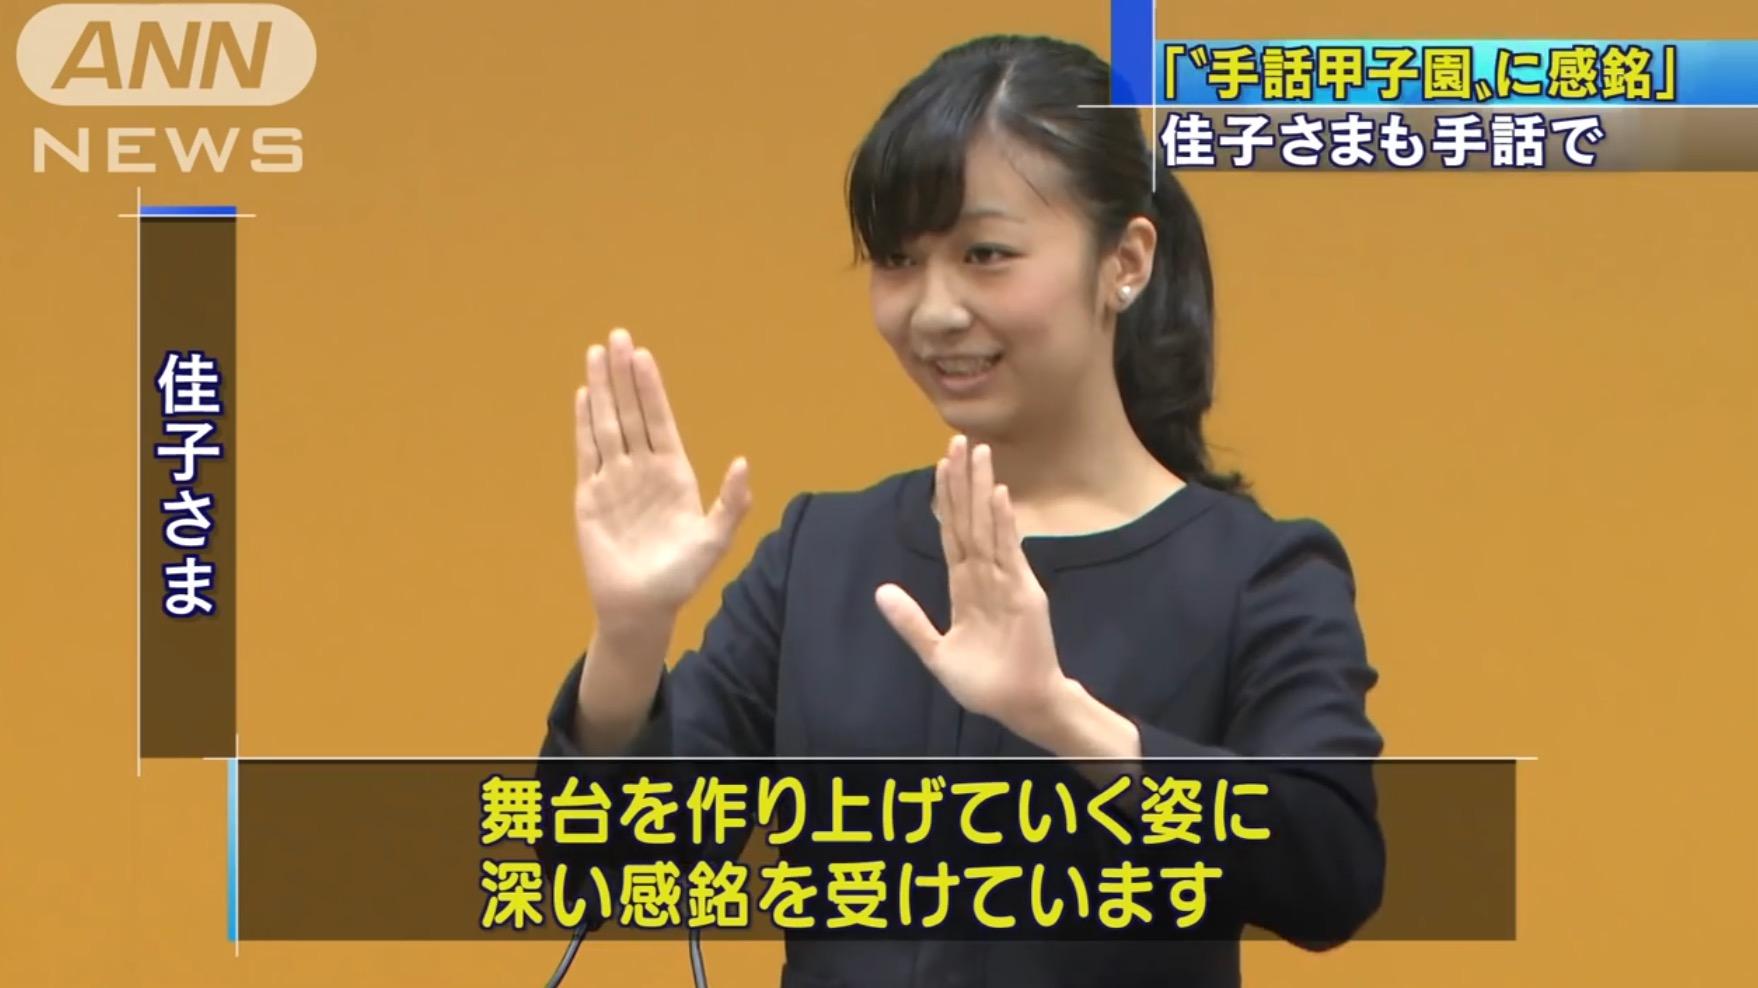 佳子さまが「手話甲子園」に出席し、手話で応援のメッセージ!!